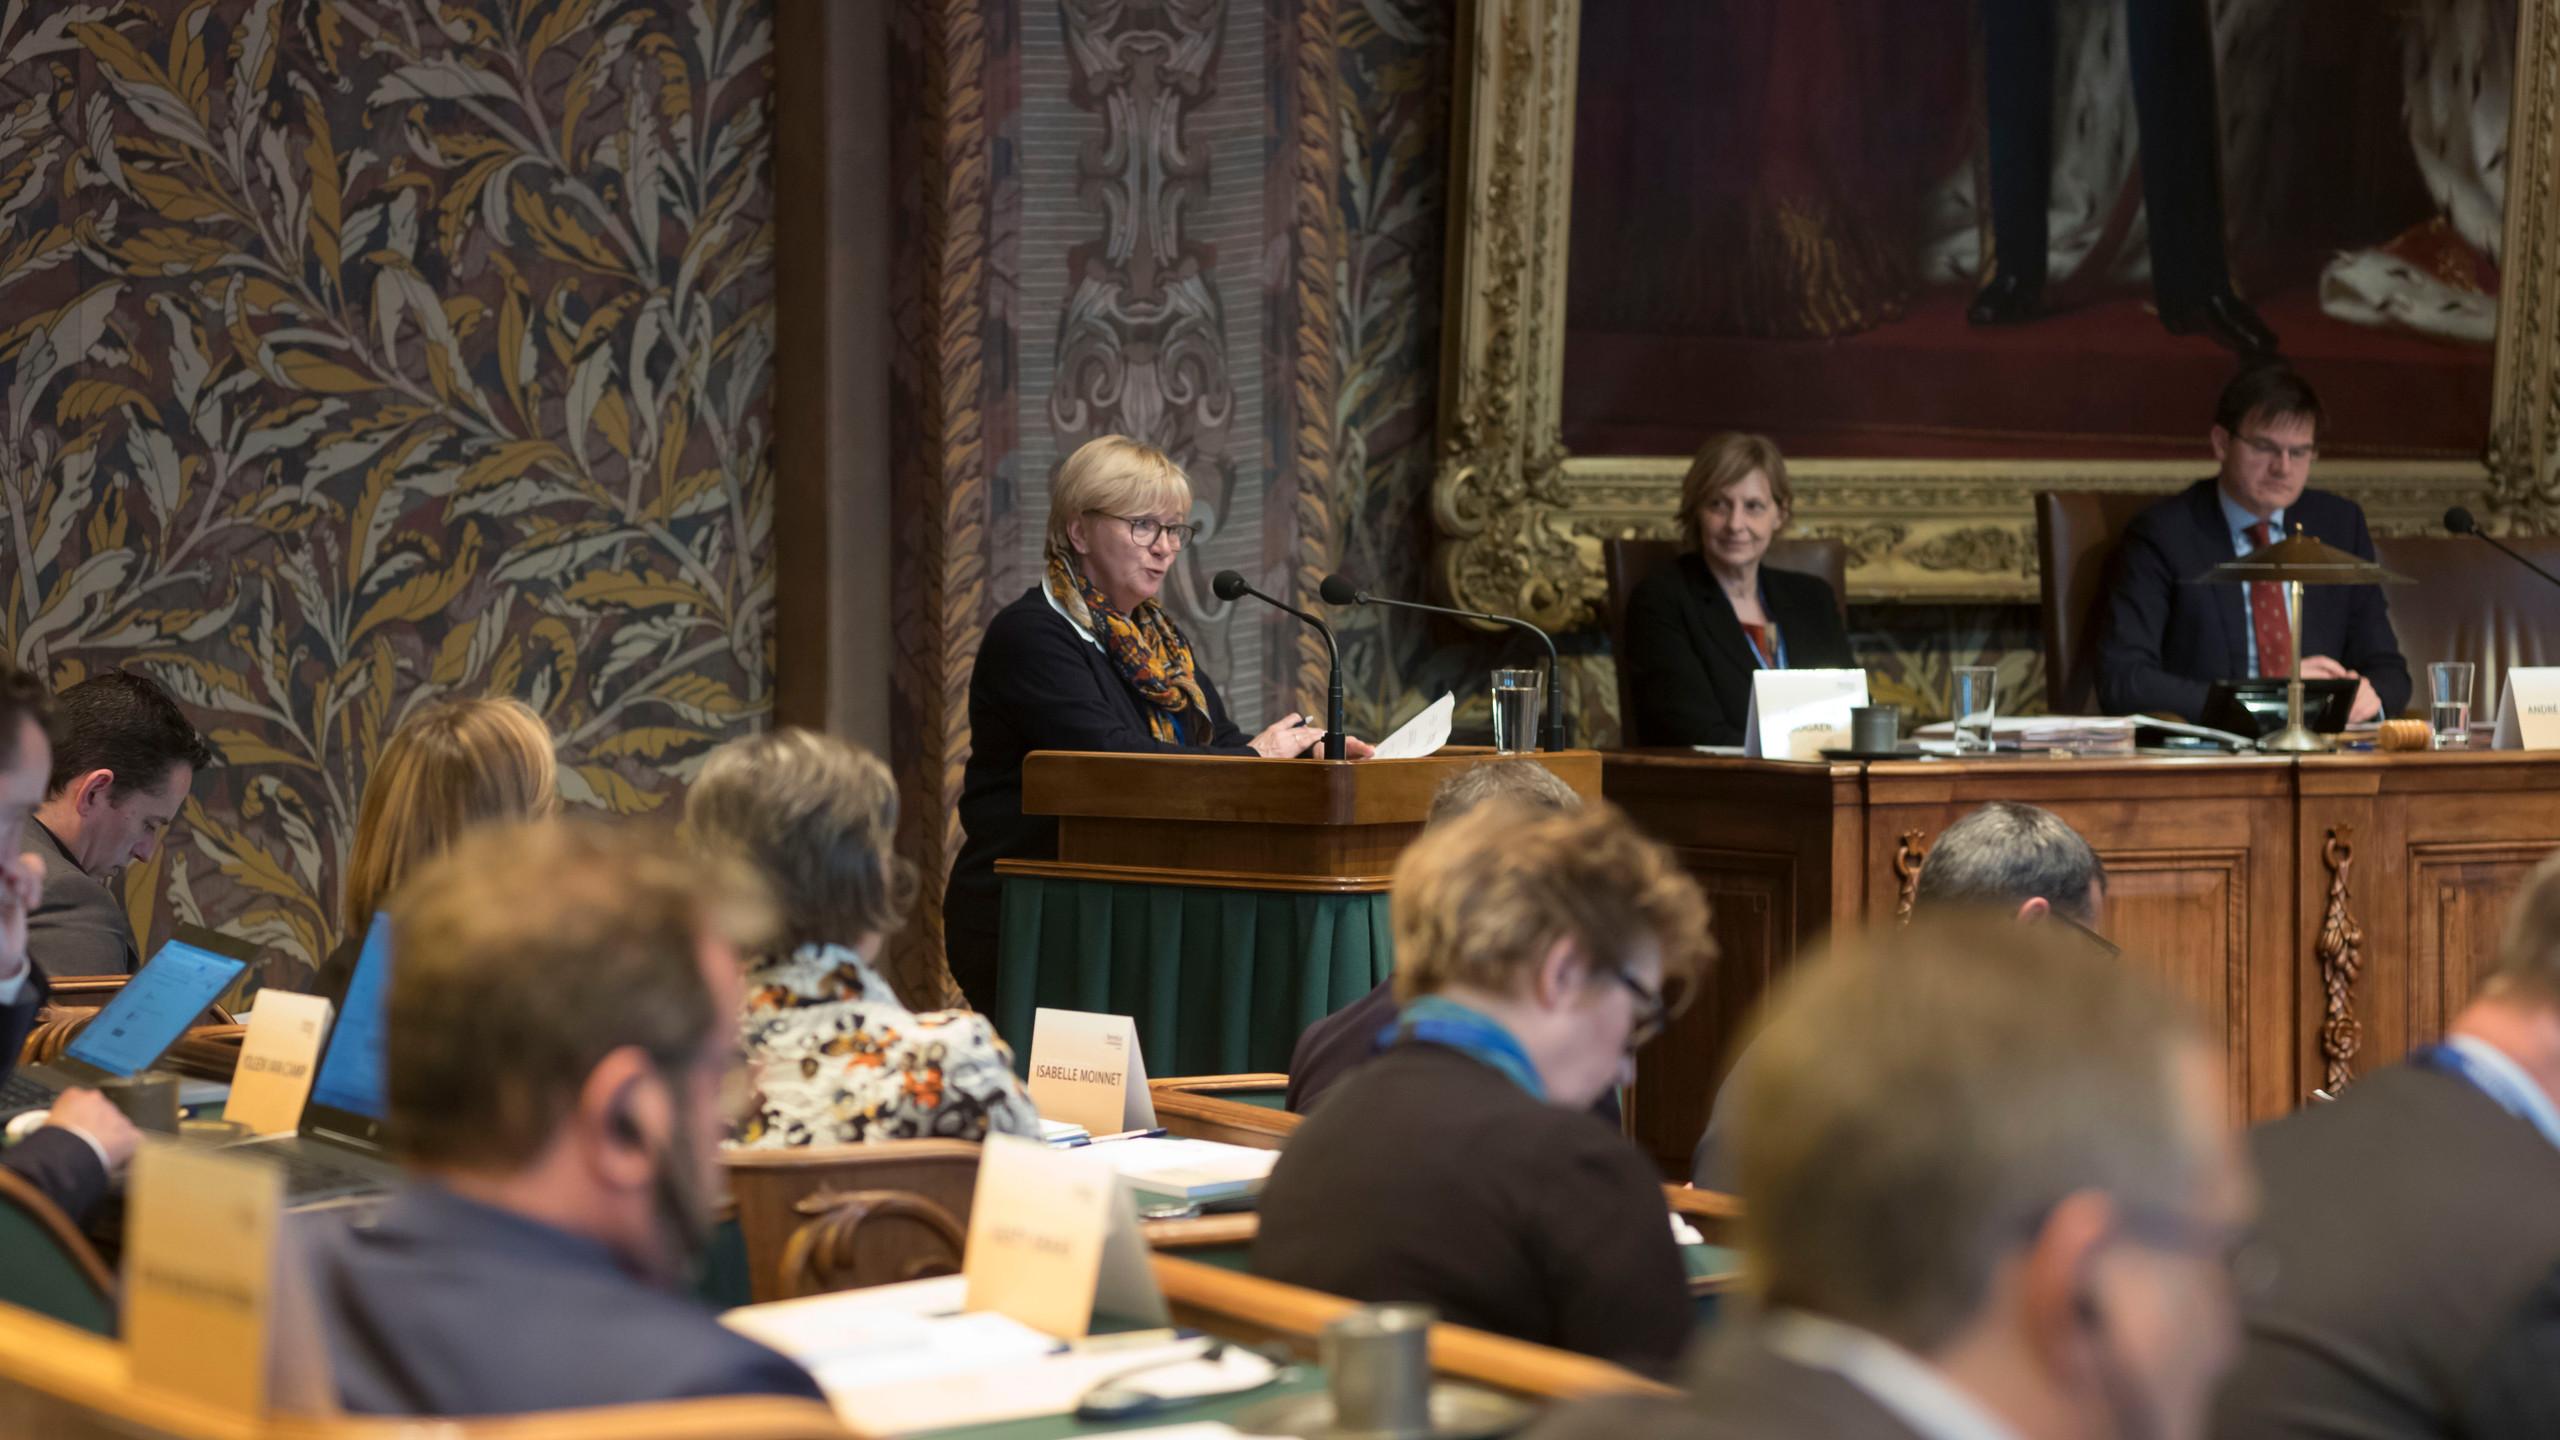 Patricia Creutz im Benelux Parlament 23.03.2018